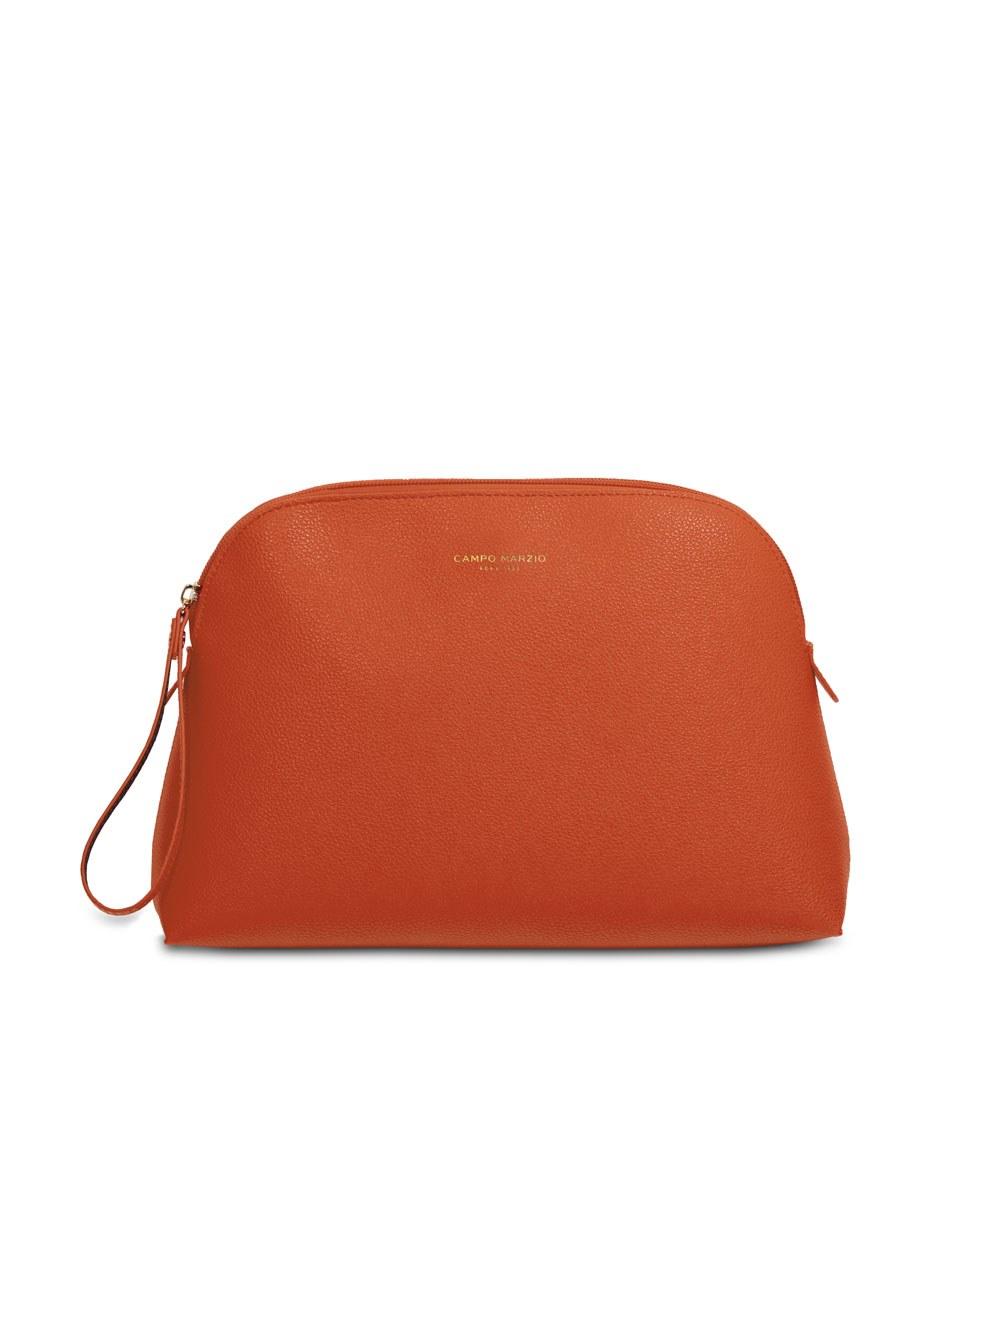 Bag with wristlet